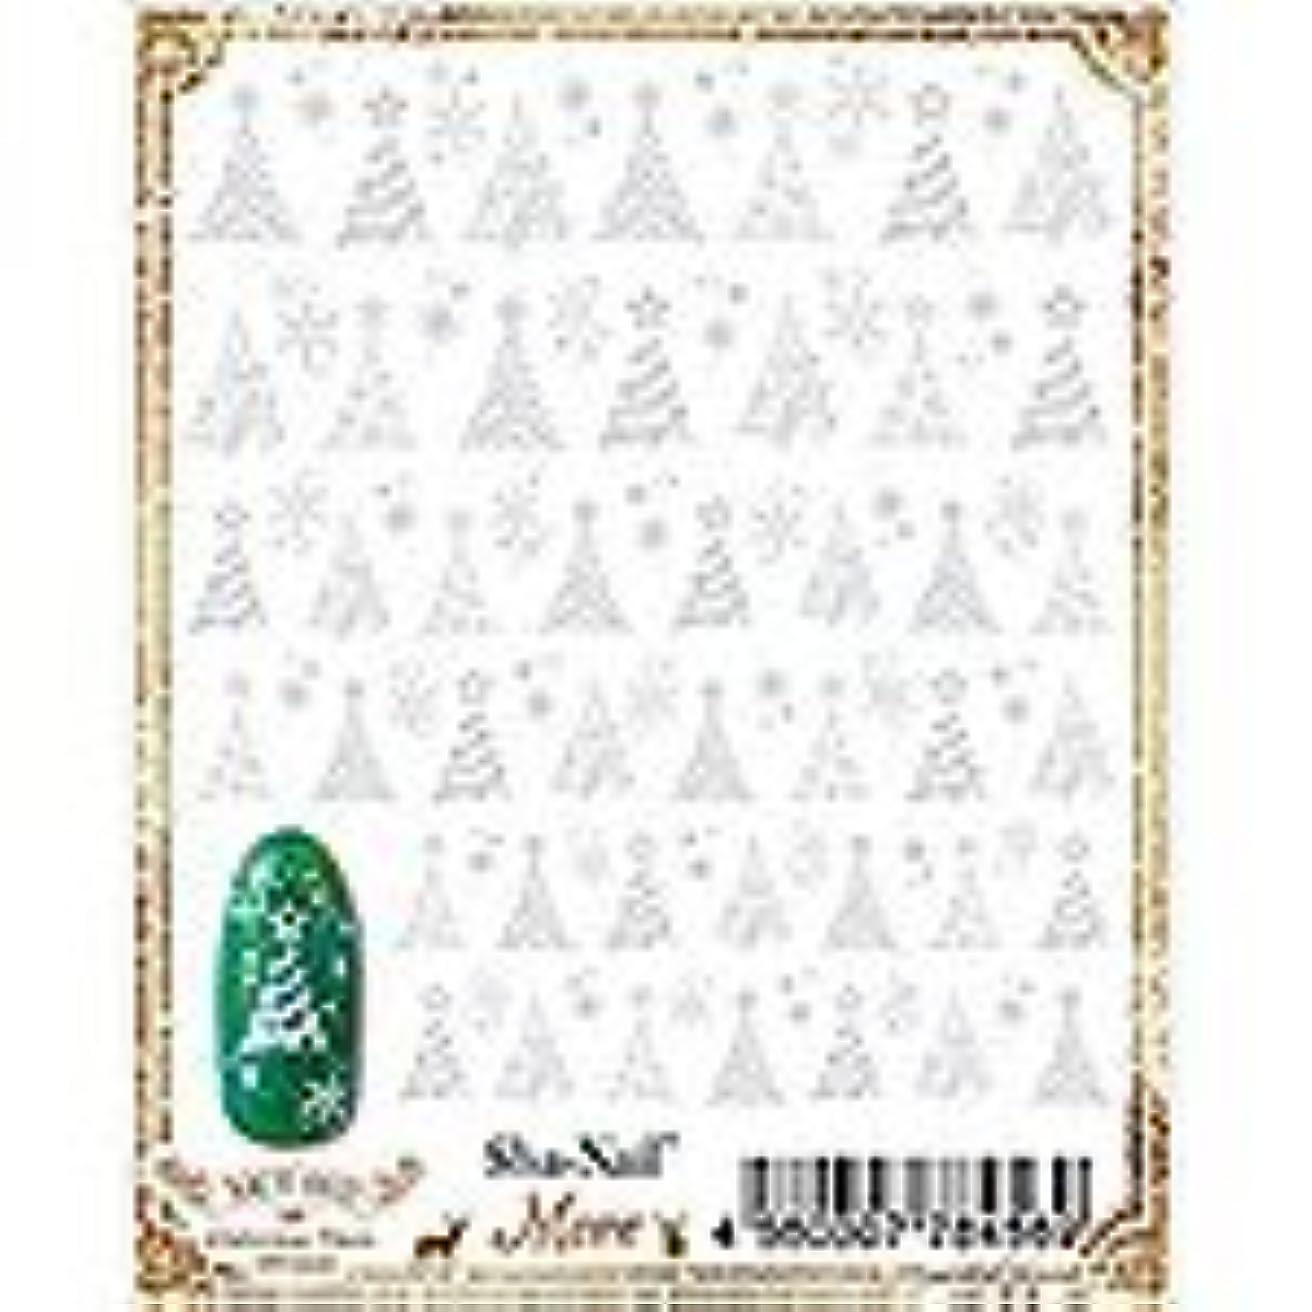 セットする不正直状クリスマスツリーズ(ホワイト)